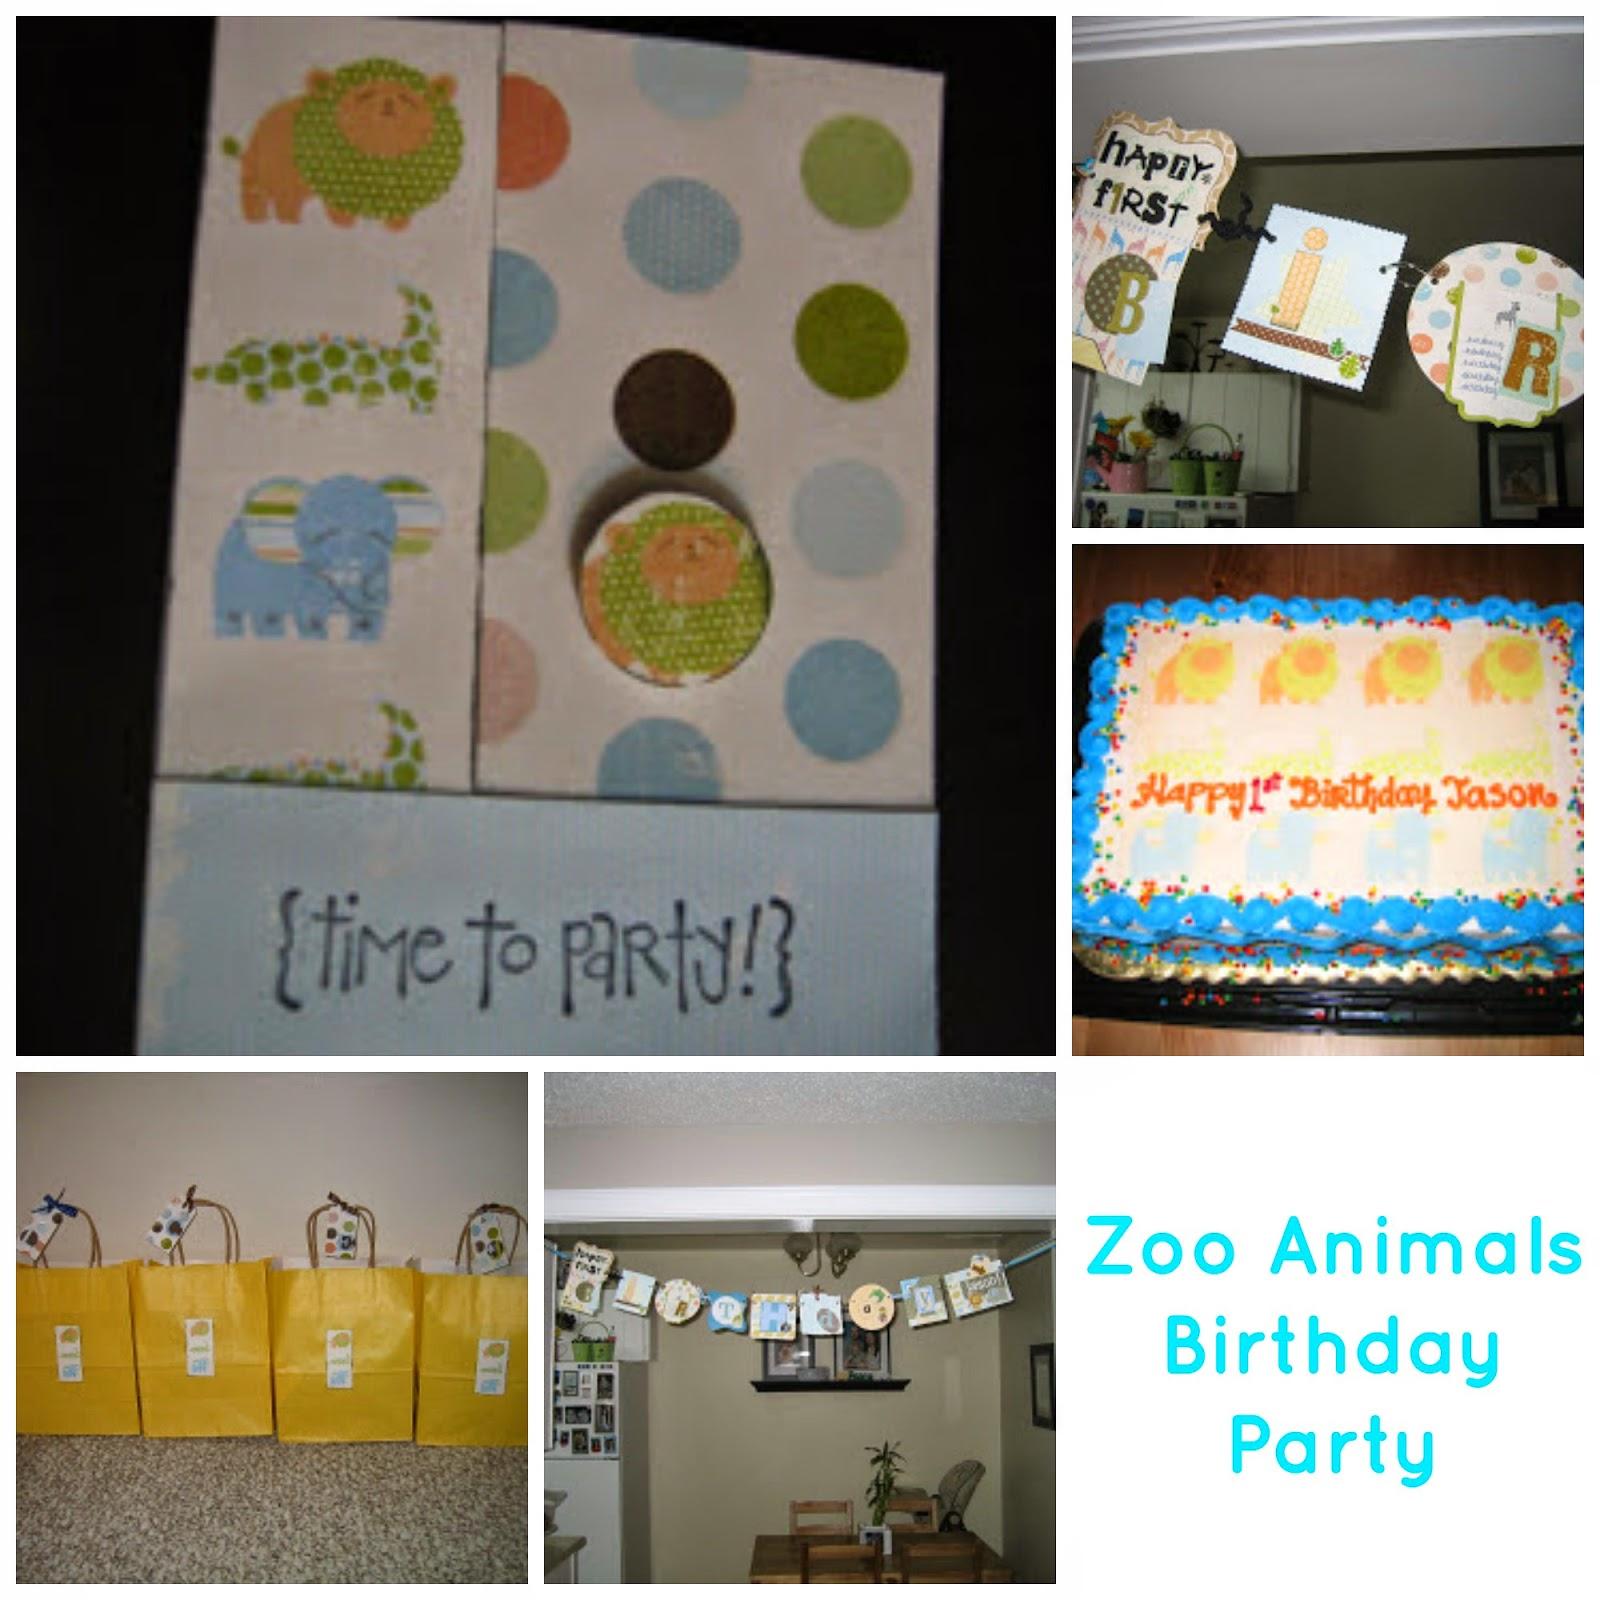 http://craftingandcreativity.blogspot.ca/2011/05/boys-1st-birthday-party-zoo-animals.html